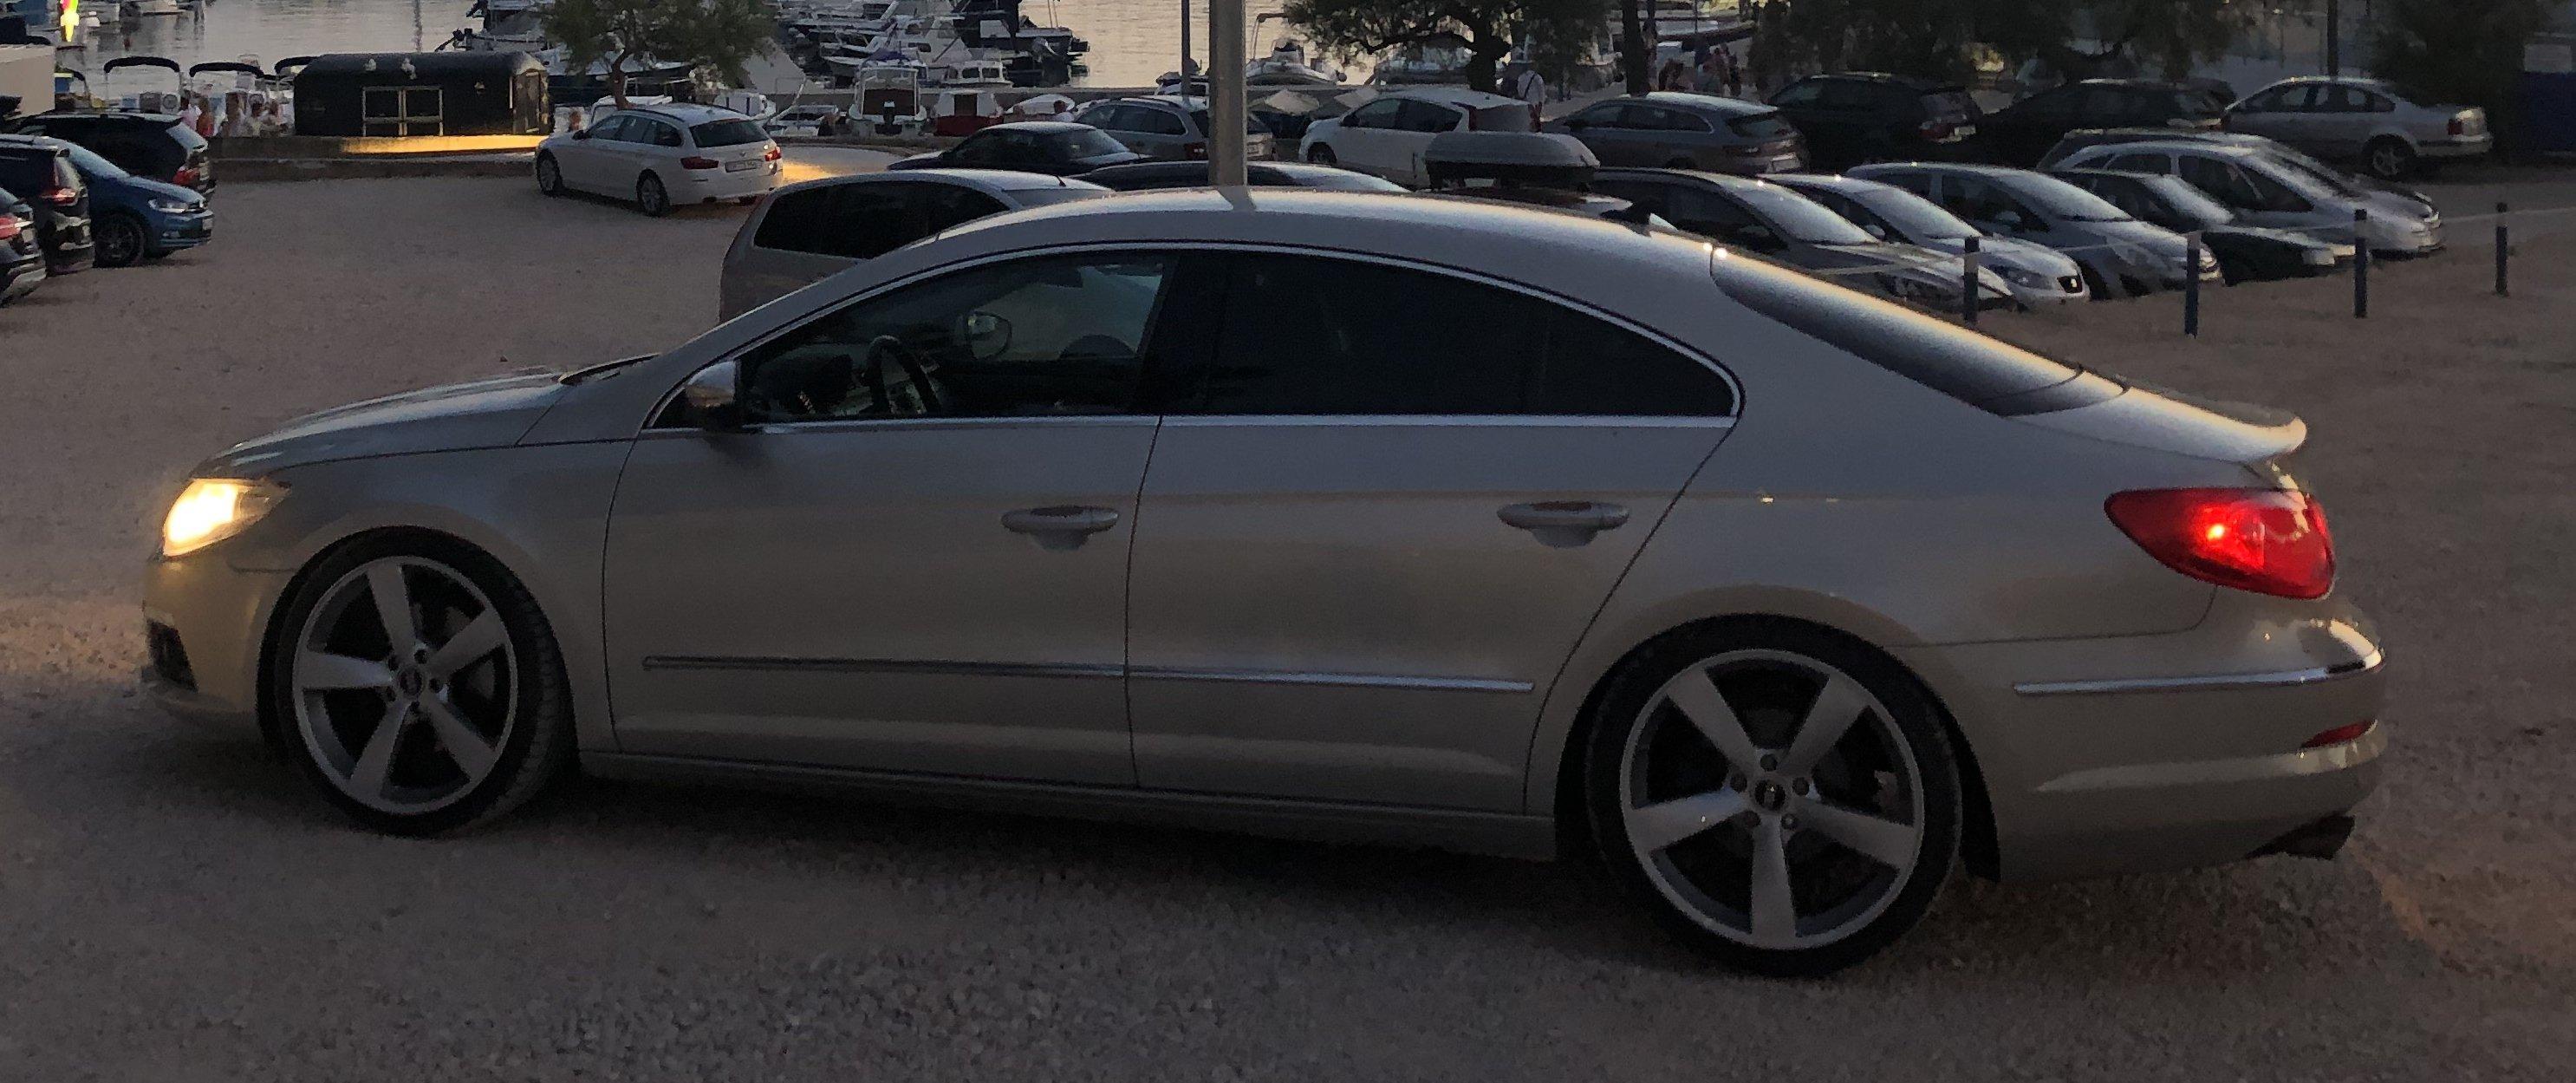 VW – Passat – Silber – GT AUTOMOTIVE – Sat 21 – Silber – 19 Zoll